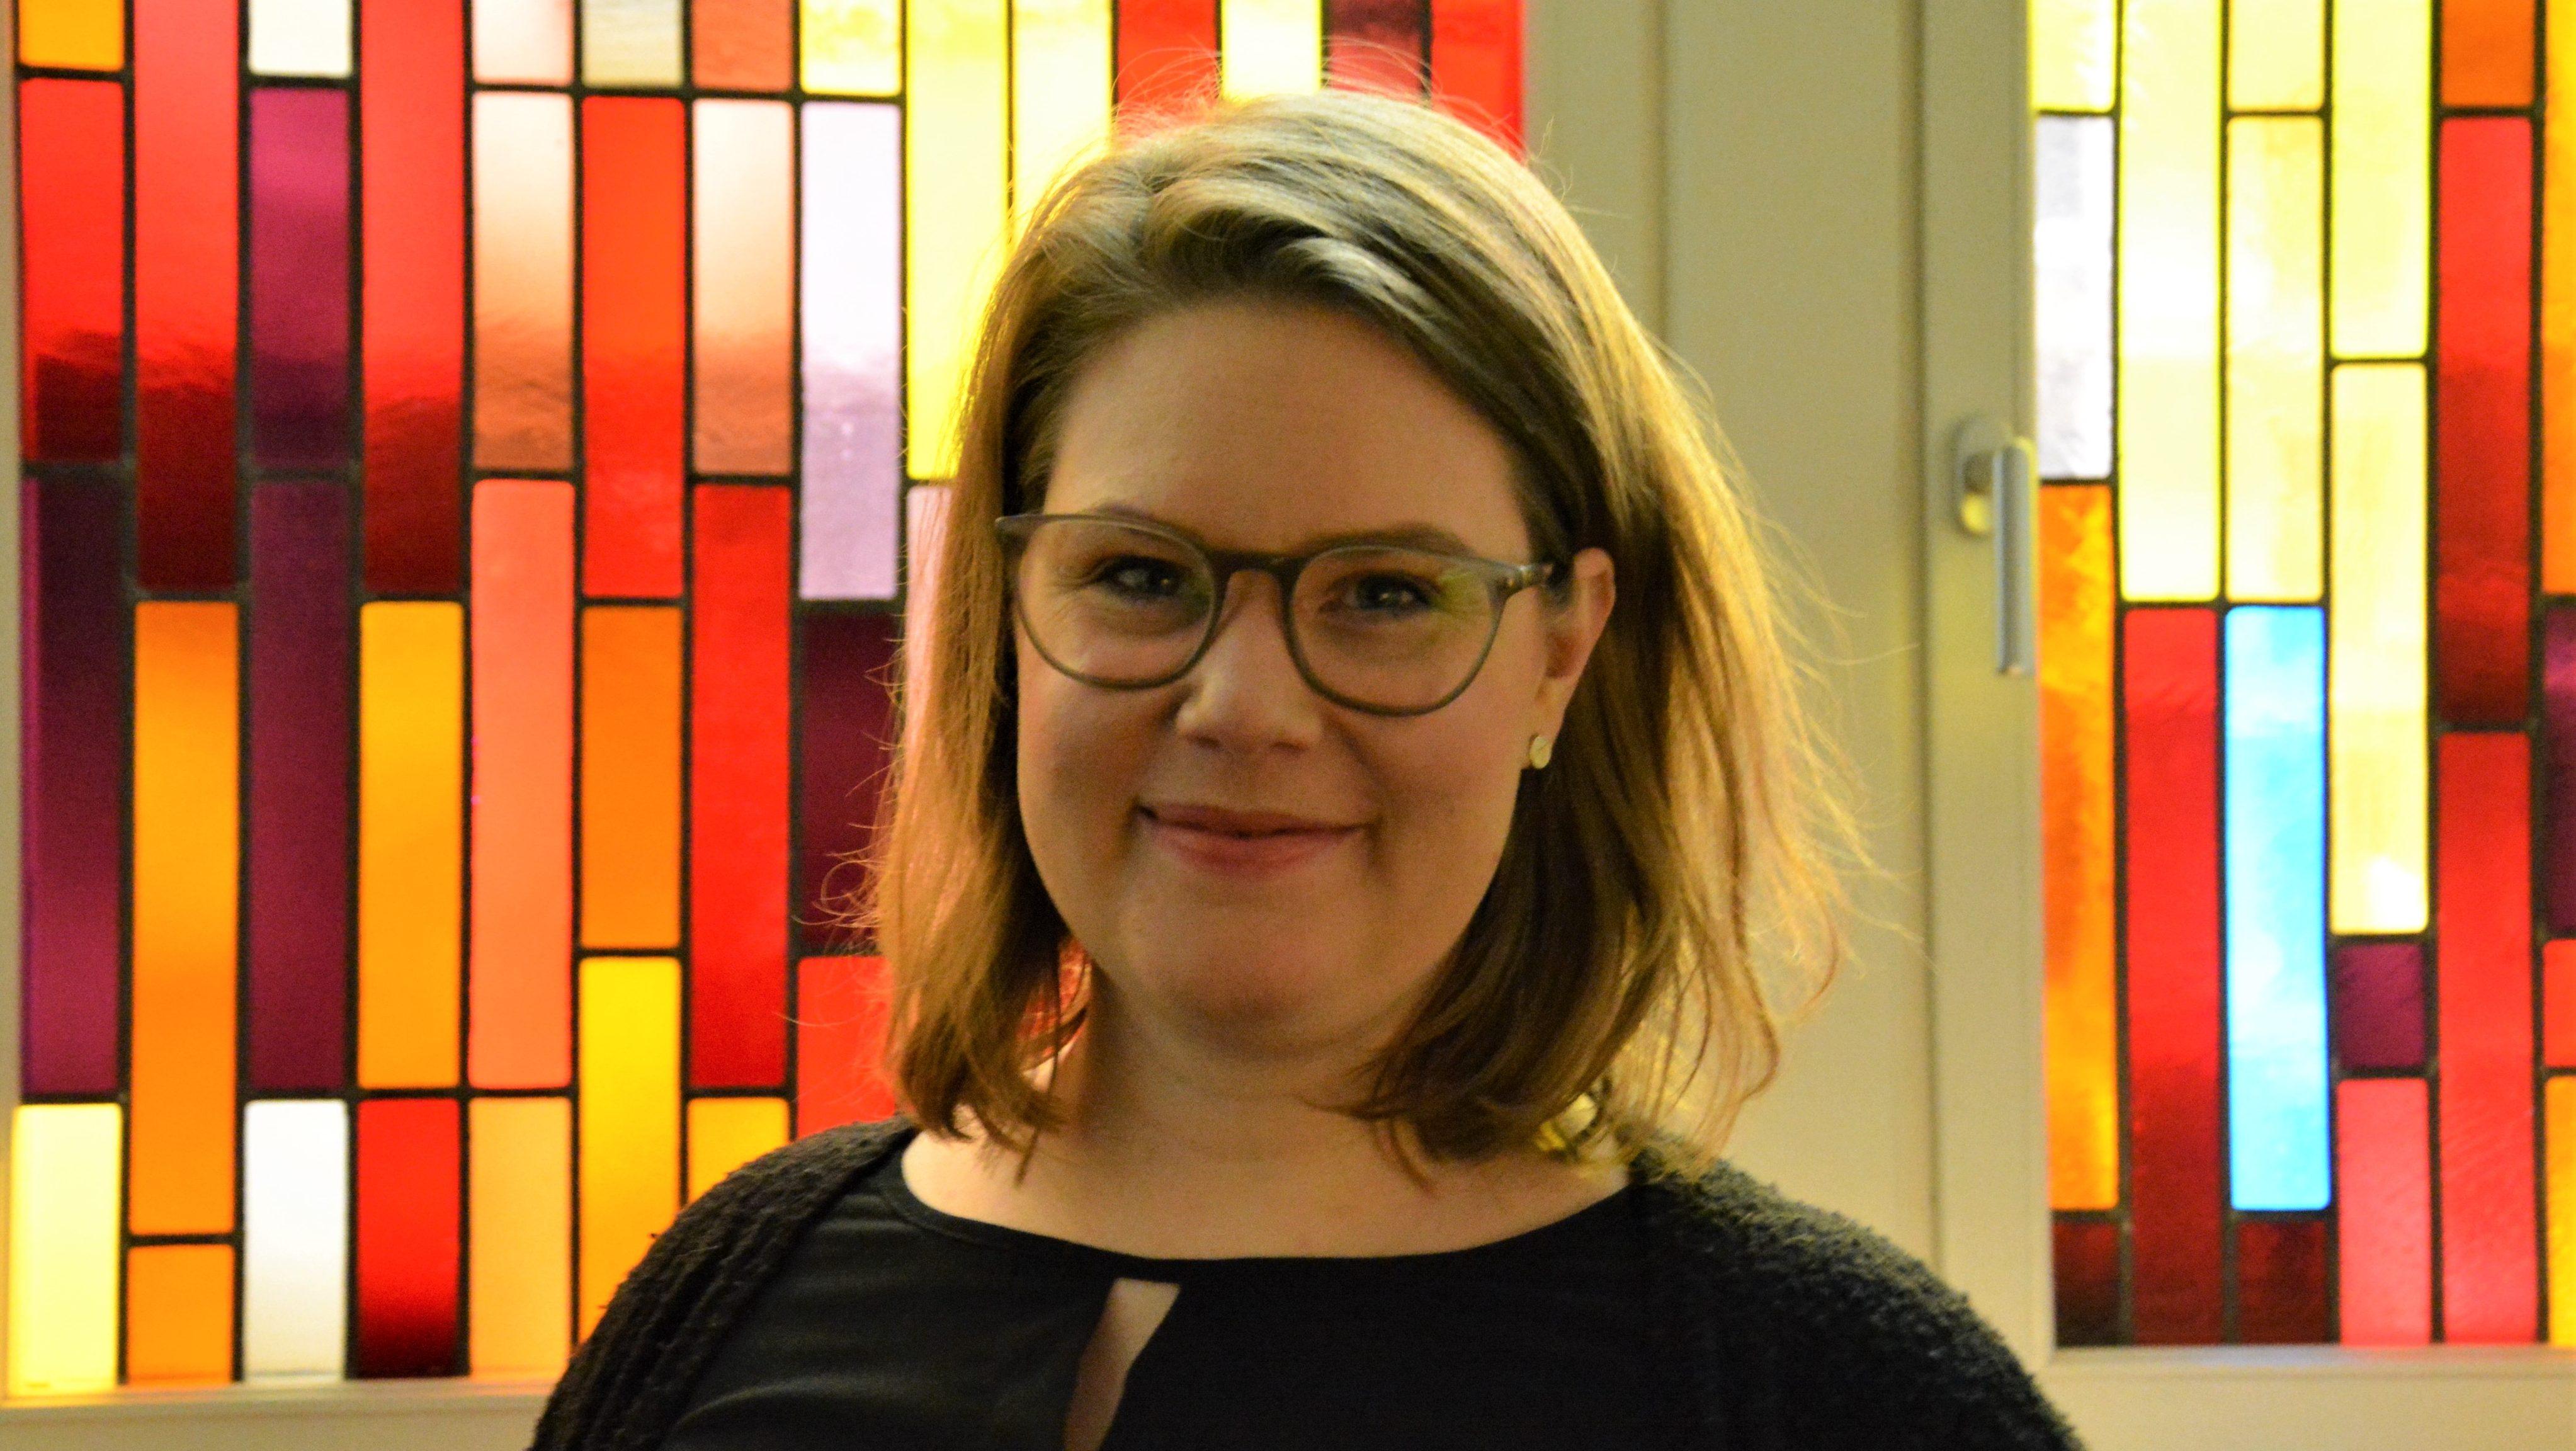 """""""Segen weitergeben und Menschen dabei zu begleiten, einander zum Segen zu werden"""" – Mareike Maeggi ist neue Pfarrerin im Tersteegenhaus"""